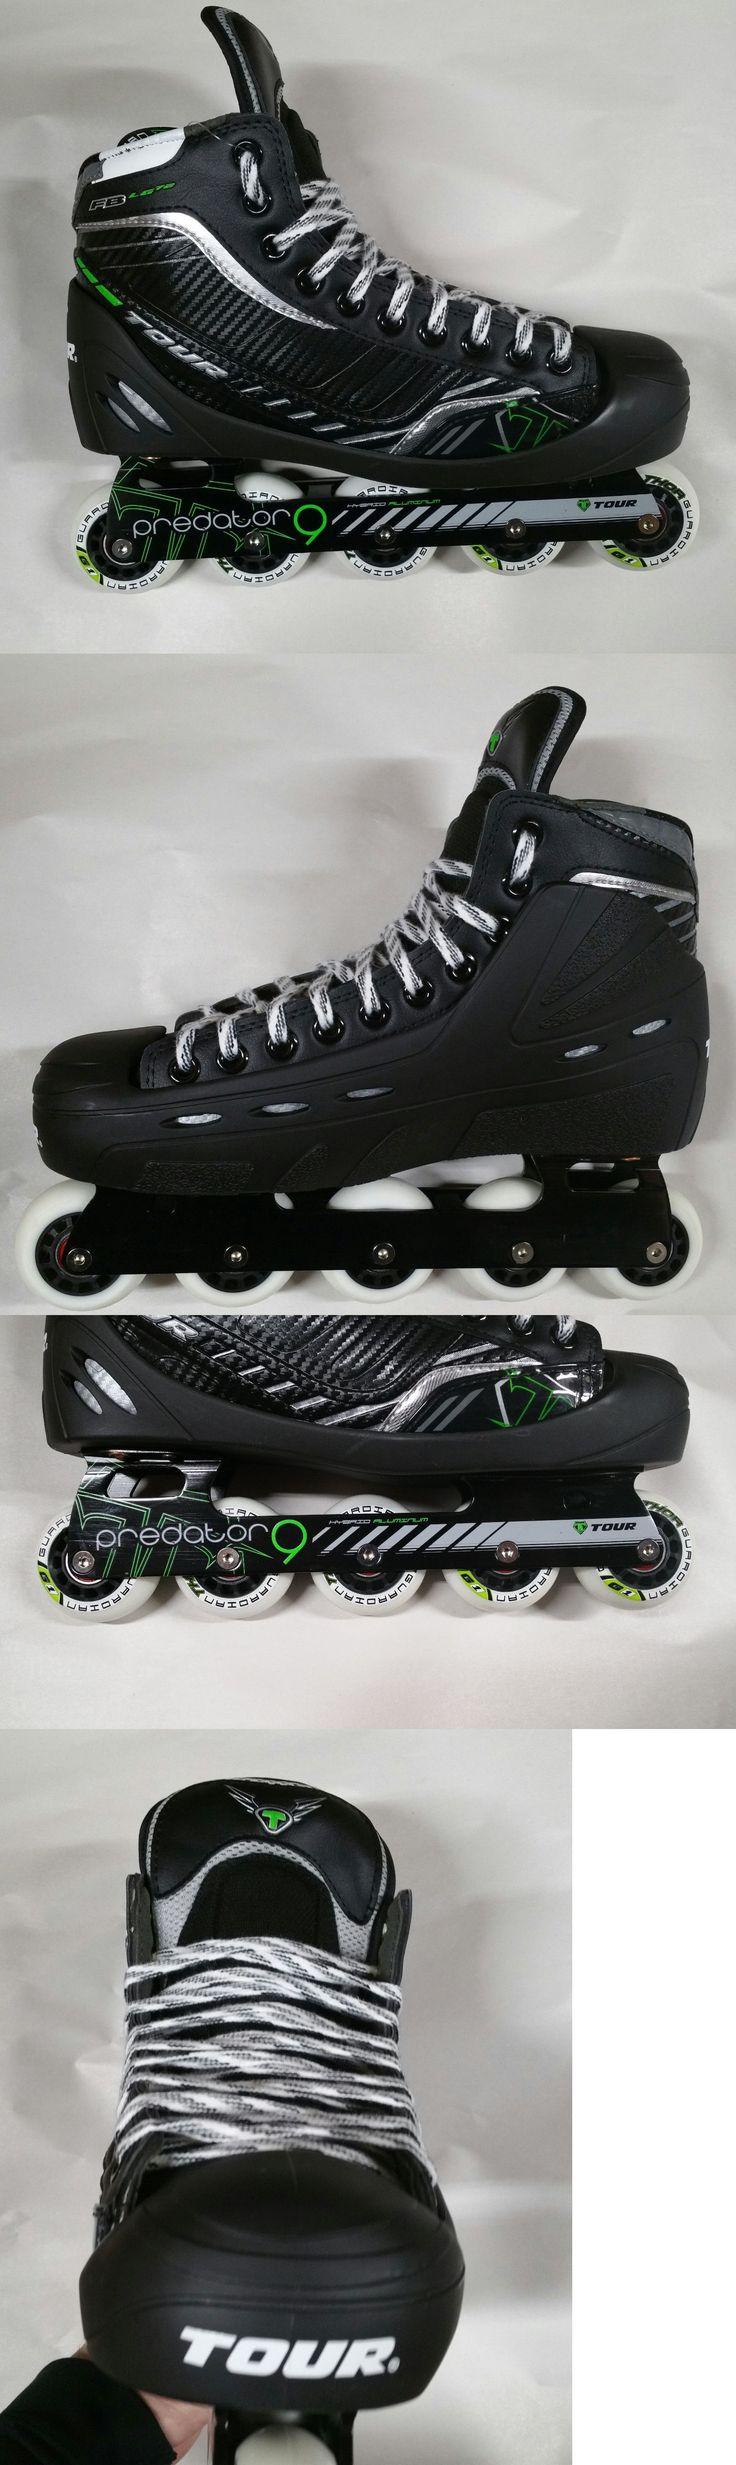 Roller Hockey 64669: Tour Fish Bonelite Lg72 Senior Roller Hockey Goalie Skate Size 8.5 D New In Box -> BUY IT NOW ONLY: $219.99 on eBay!